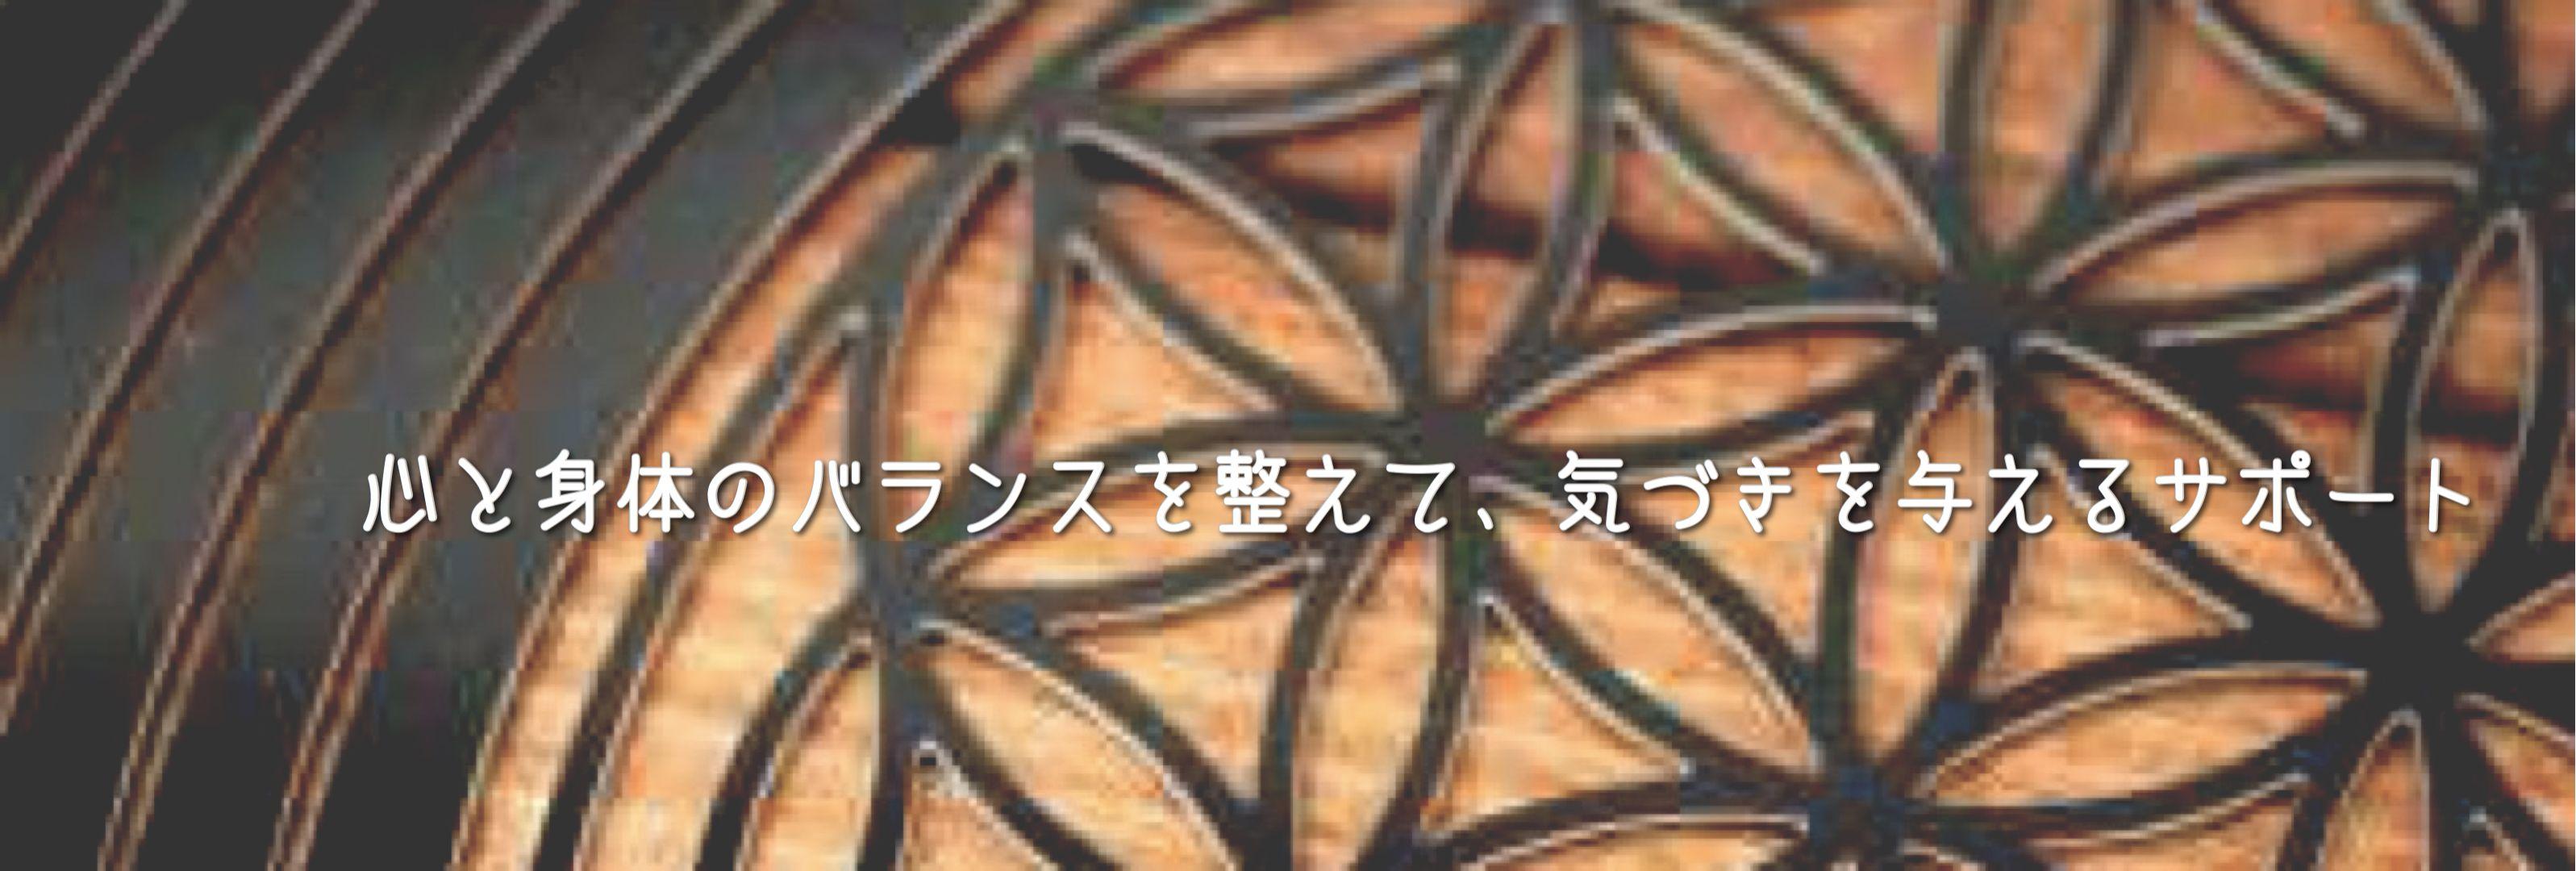 ストレス感情解放セッショ/ 心と身体のバランスを整える RAS(ラス) Release &Awakening System ®︎沖縄県・金武町・全国 《lecourage(ル・クラージュ)》